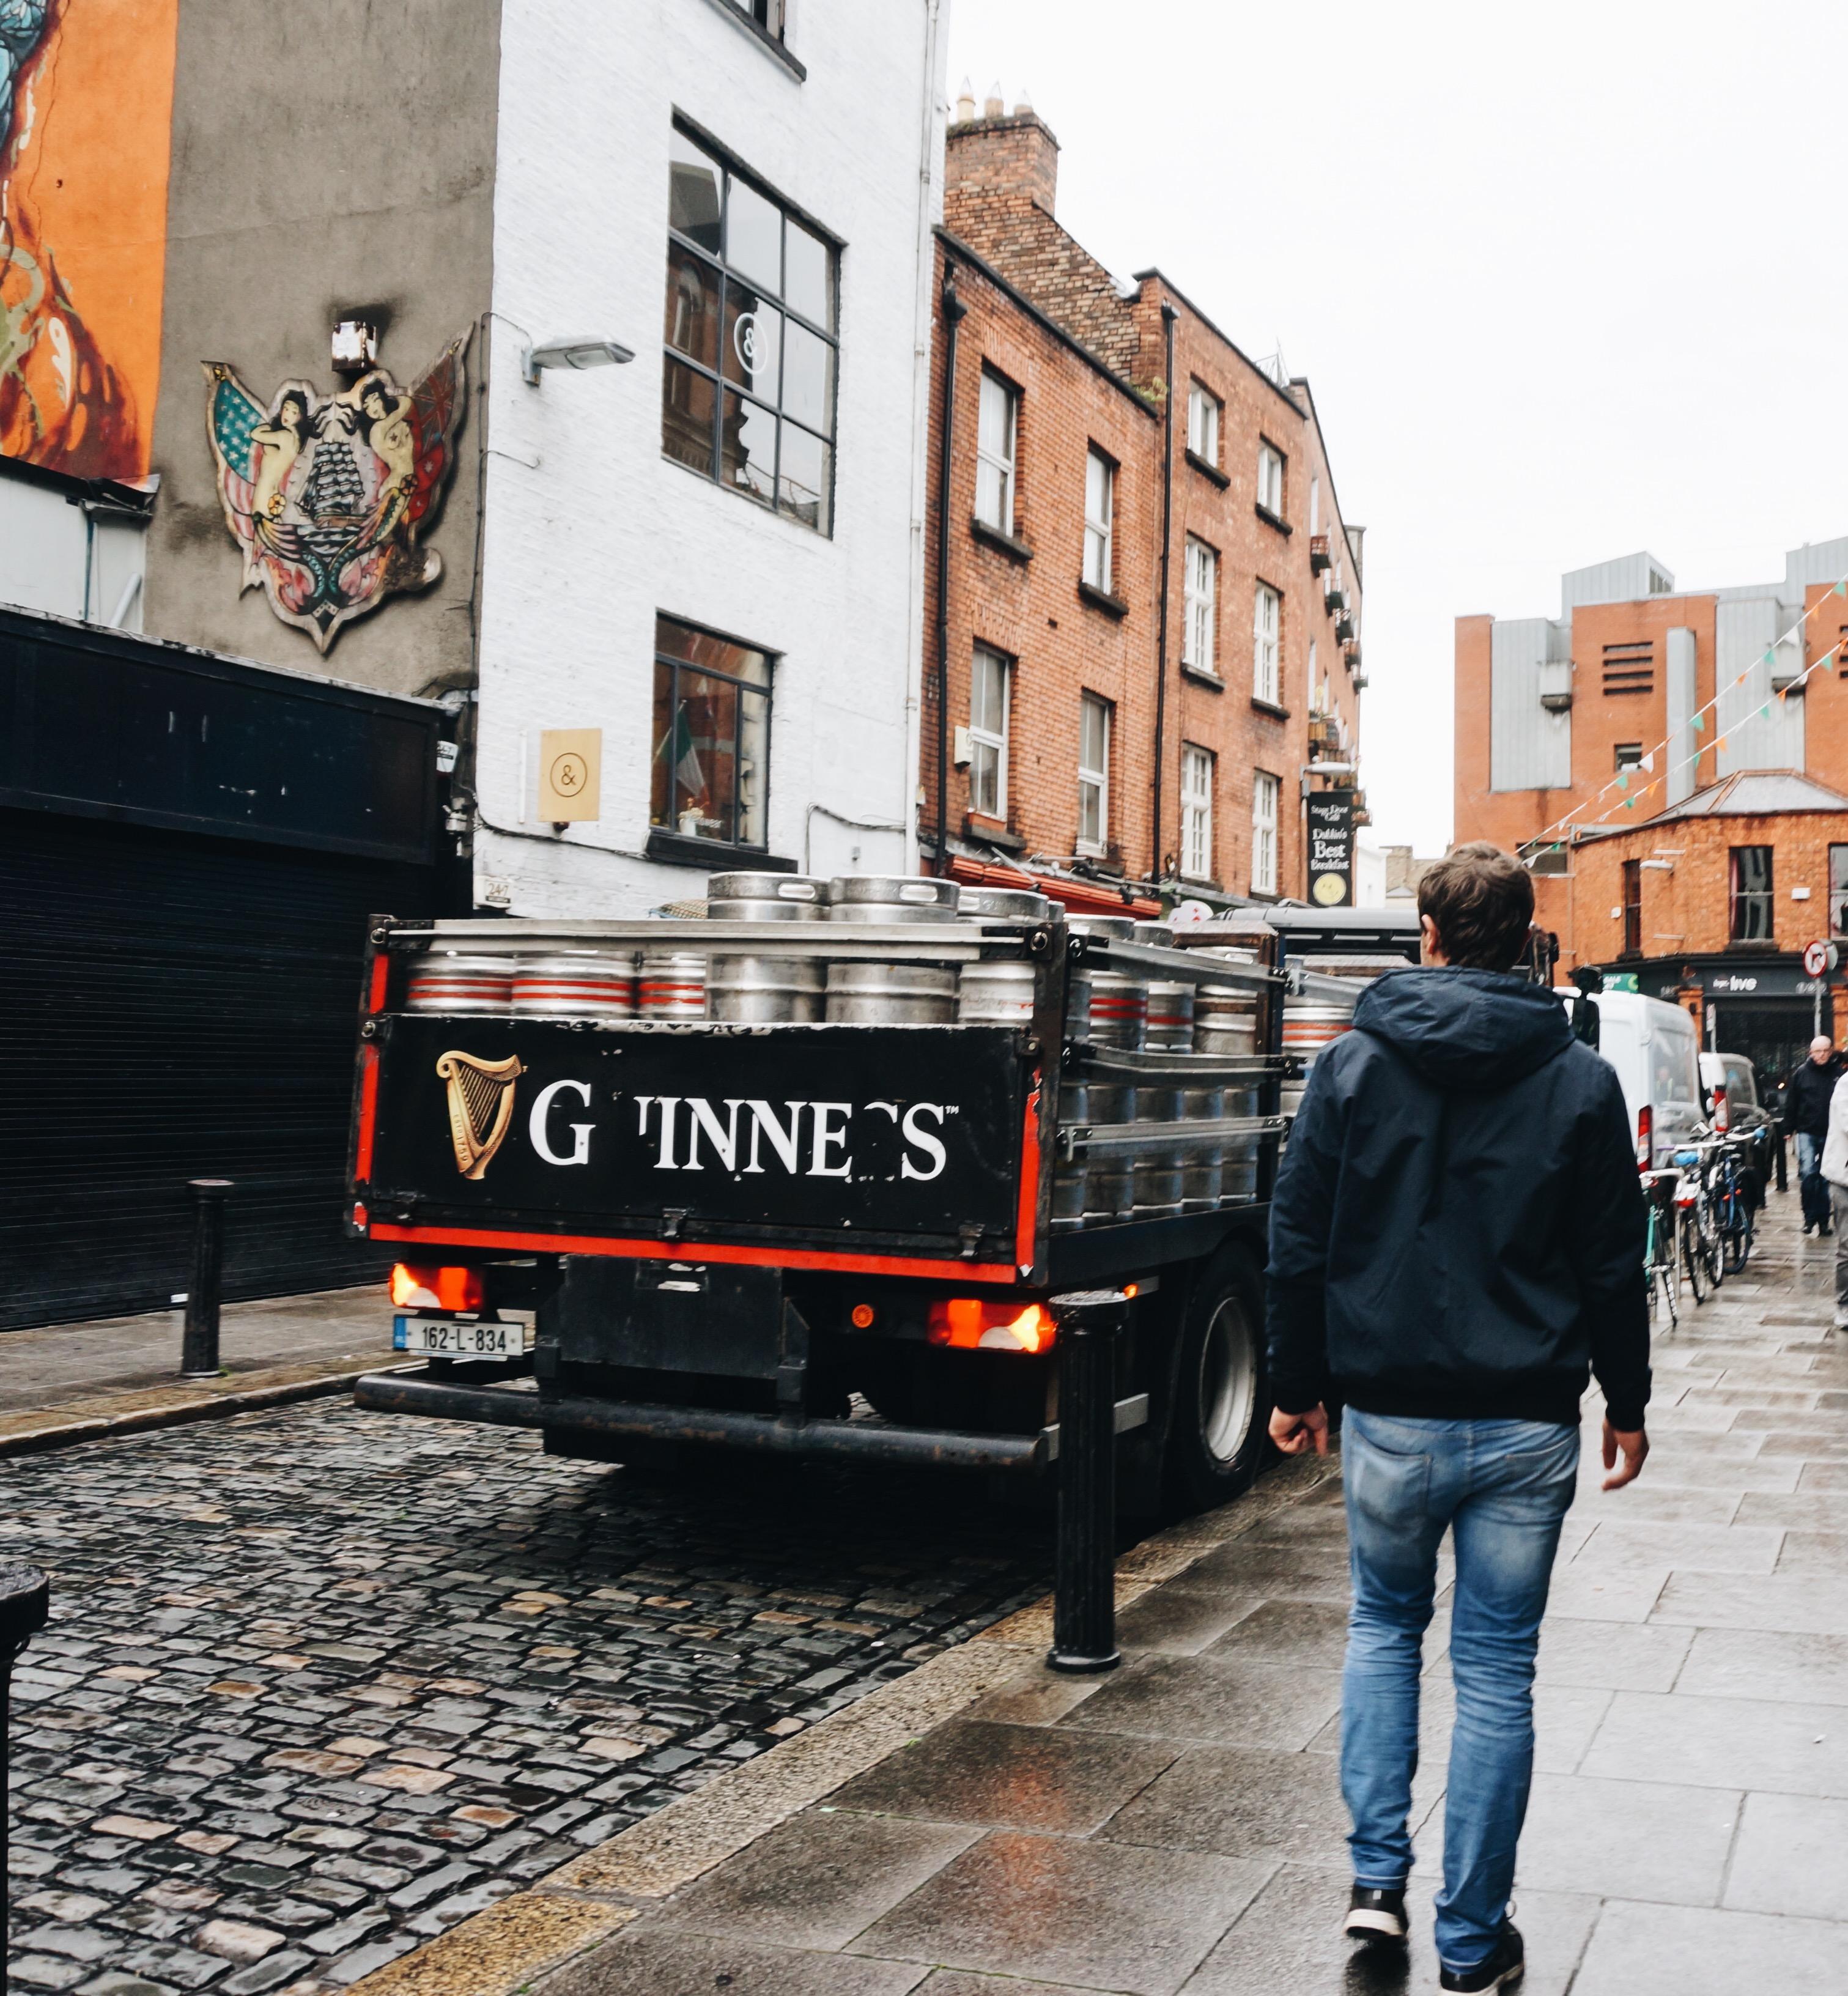 Irland Dublin Städtetrip Sehenswürdigkeiten, Hängebrücke, Action Ausflüge Irland, Carrick a Rede, Giants Causeway, Nordirland